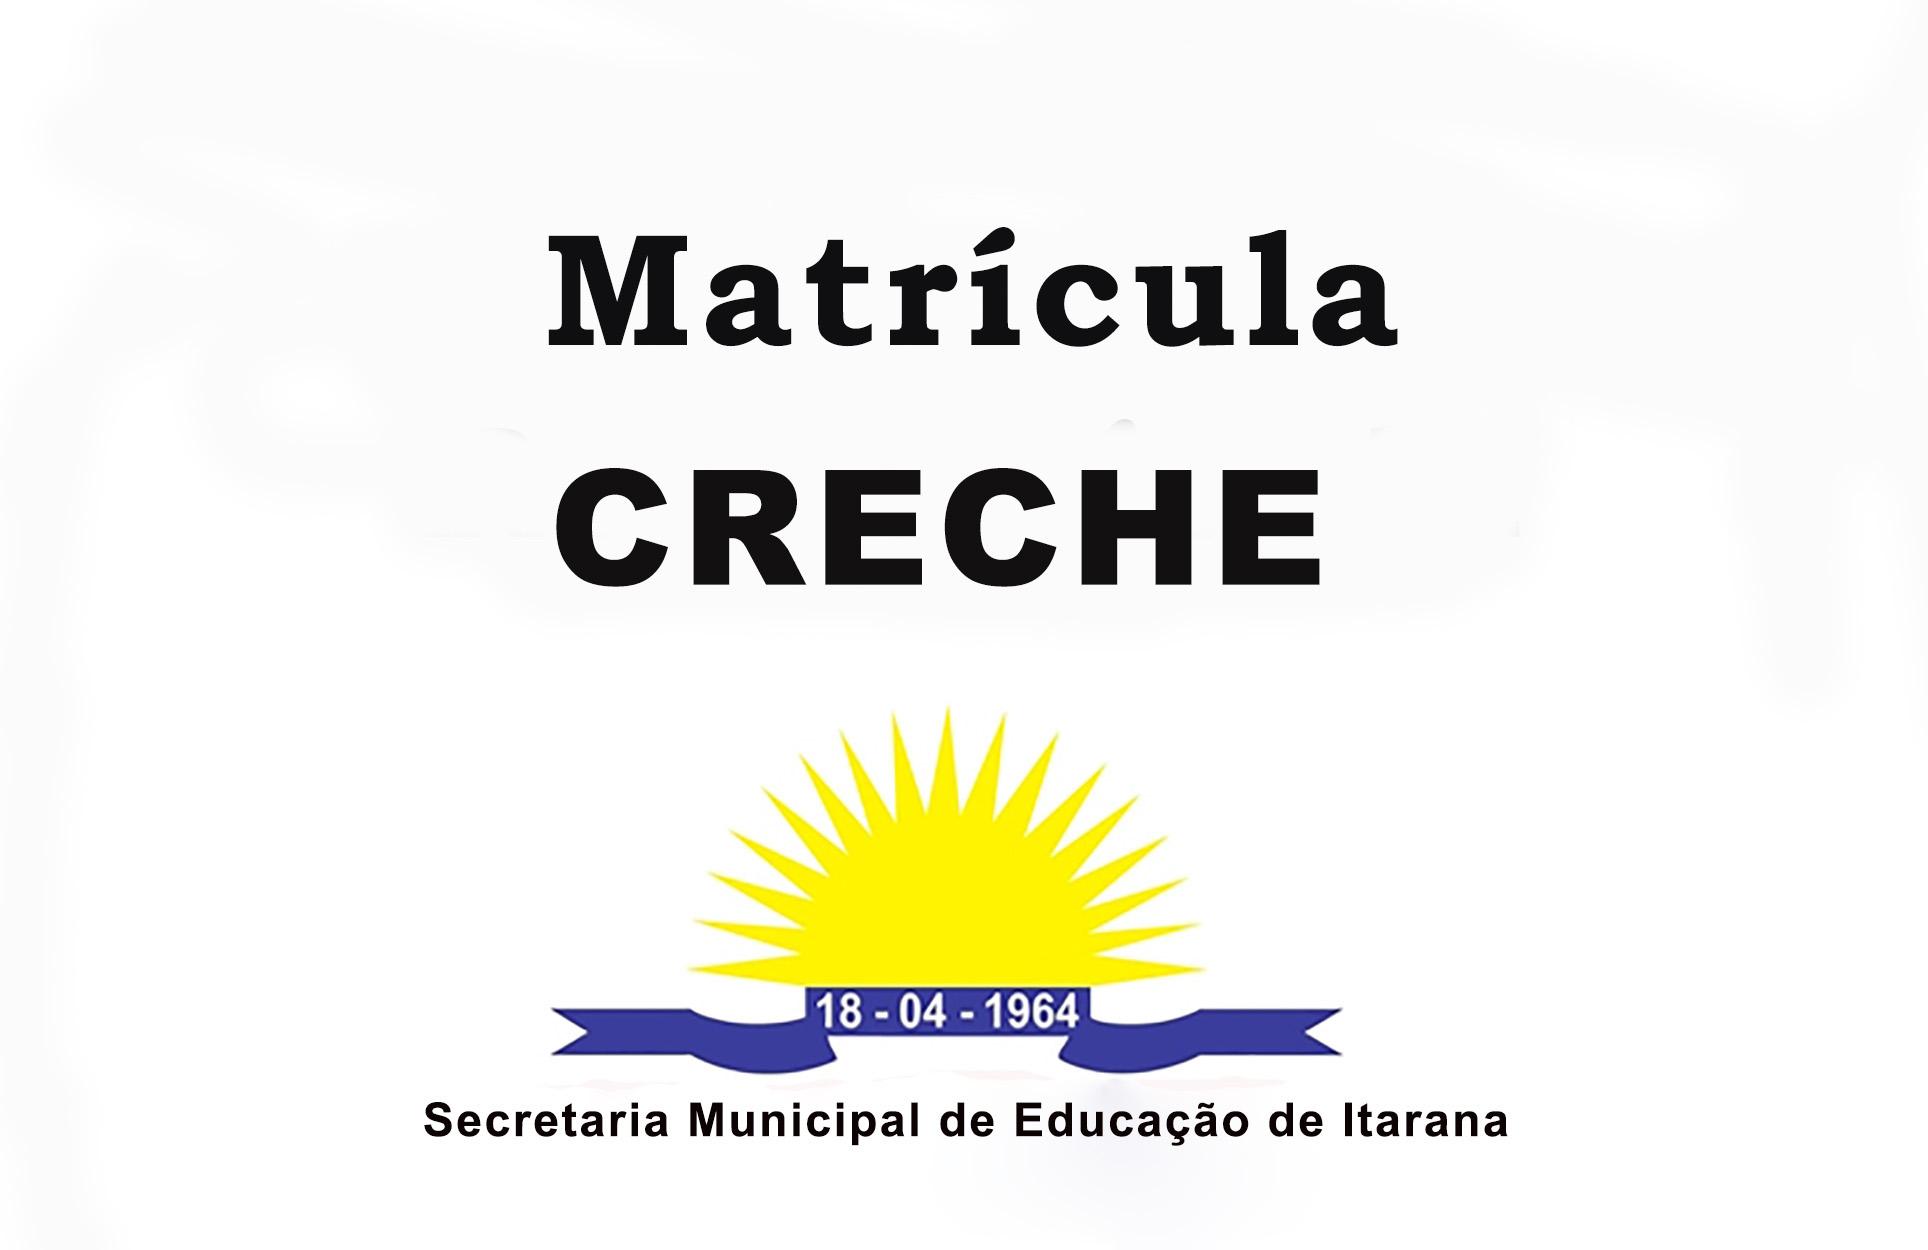 Educação divulga portaria para Matrícula Educação Infantil - Etapa Creche